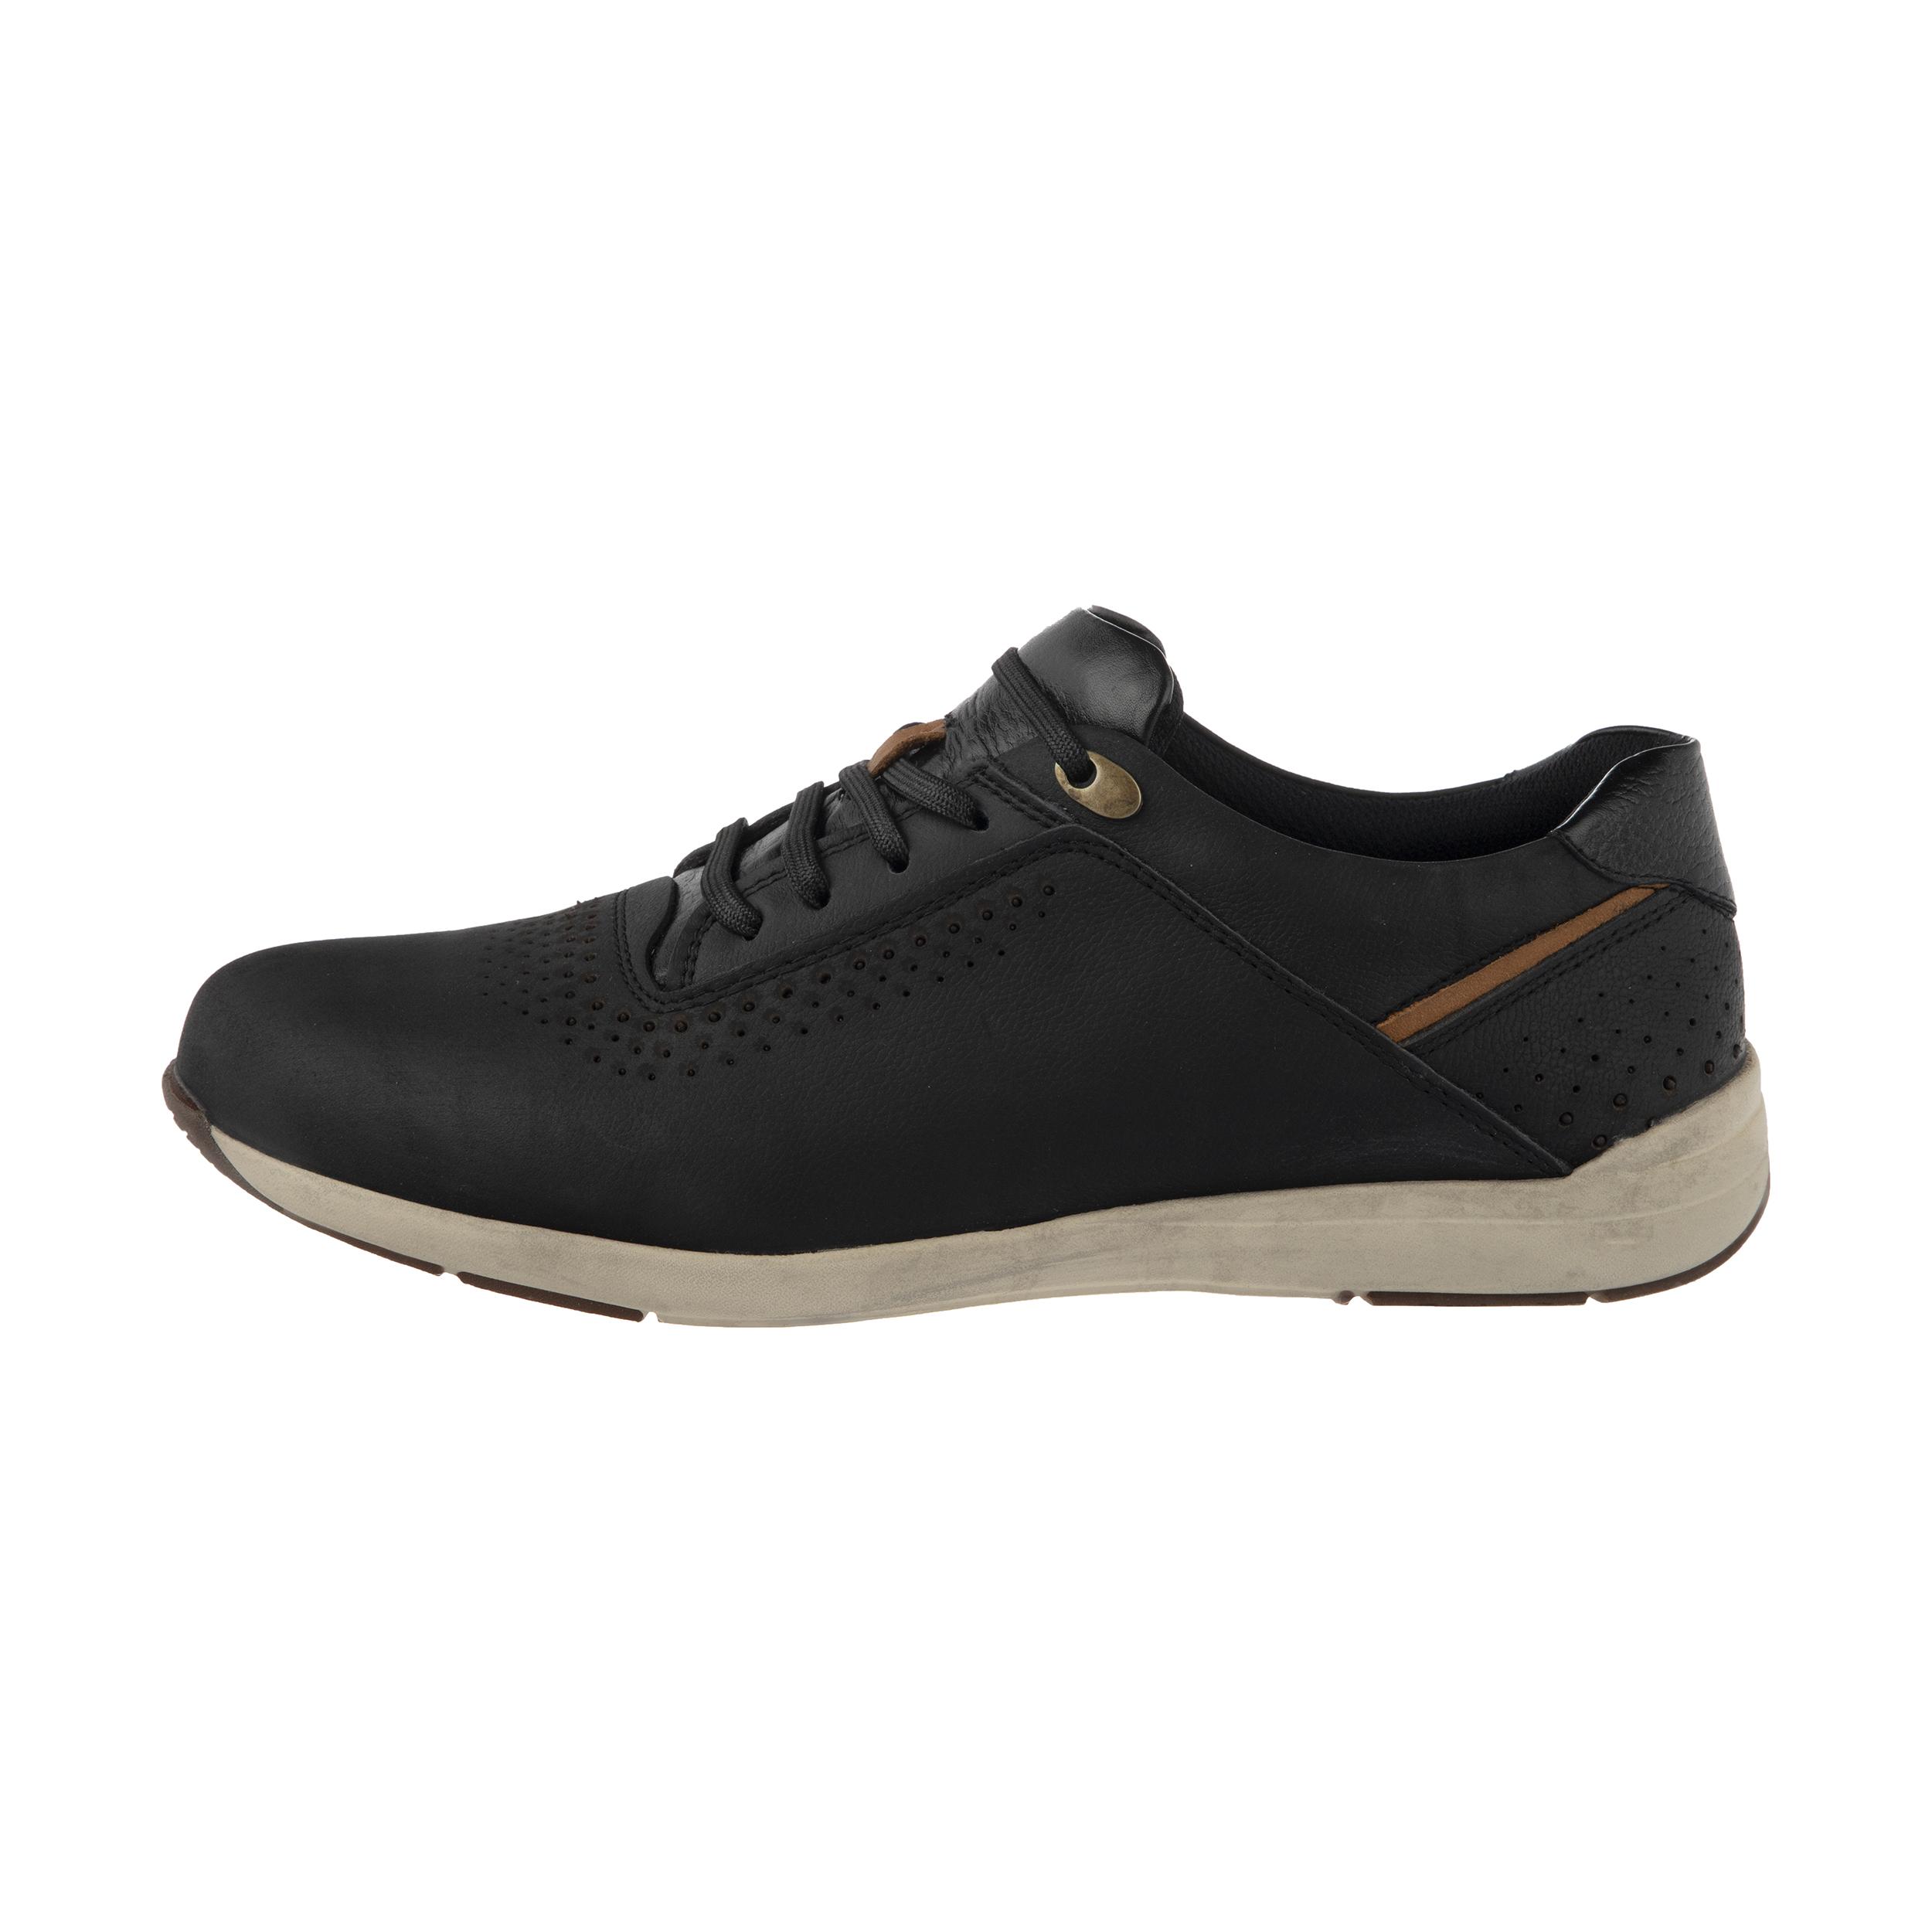 قیمت خرید کفش روزمره مردانه سوته مدل 5037A503101 اورجینال